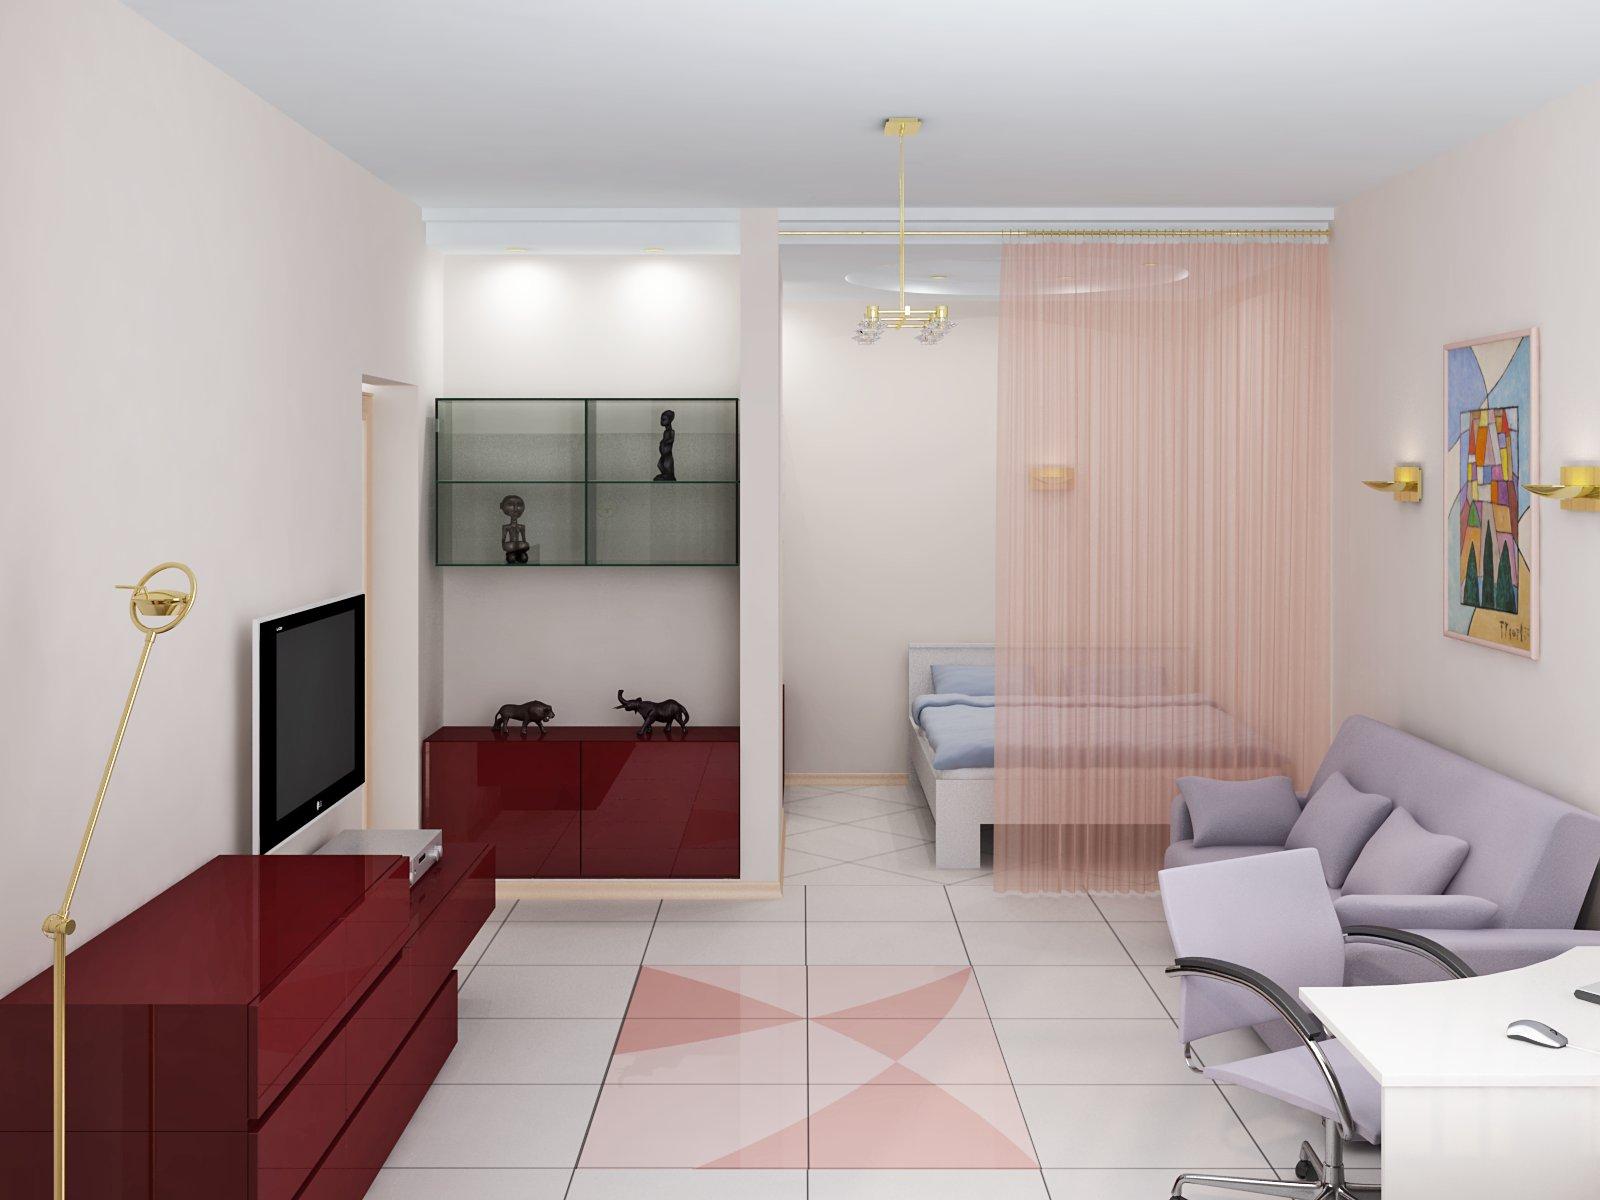 Как обставить однокомнатную квартиру фото идеи